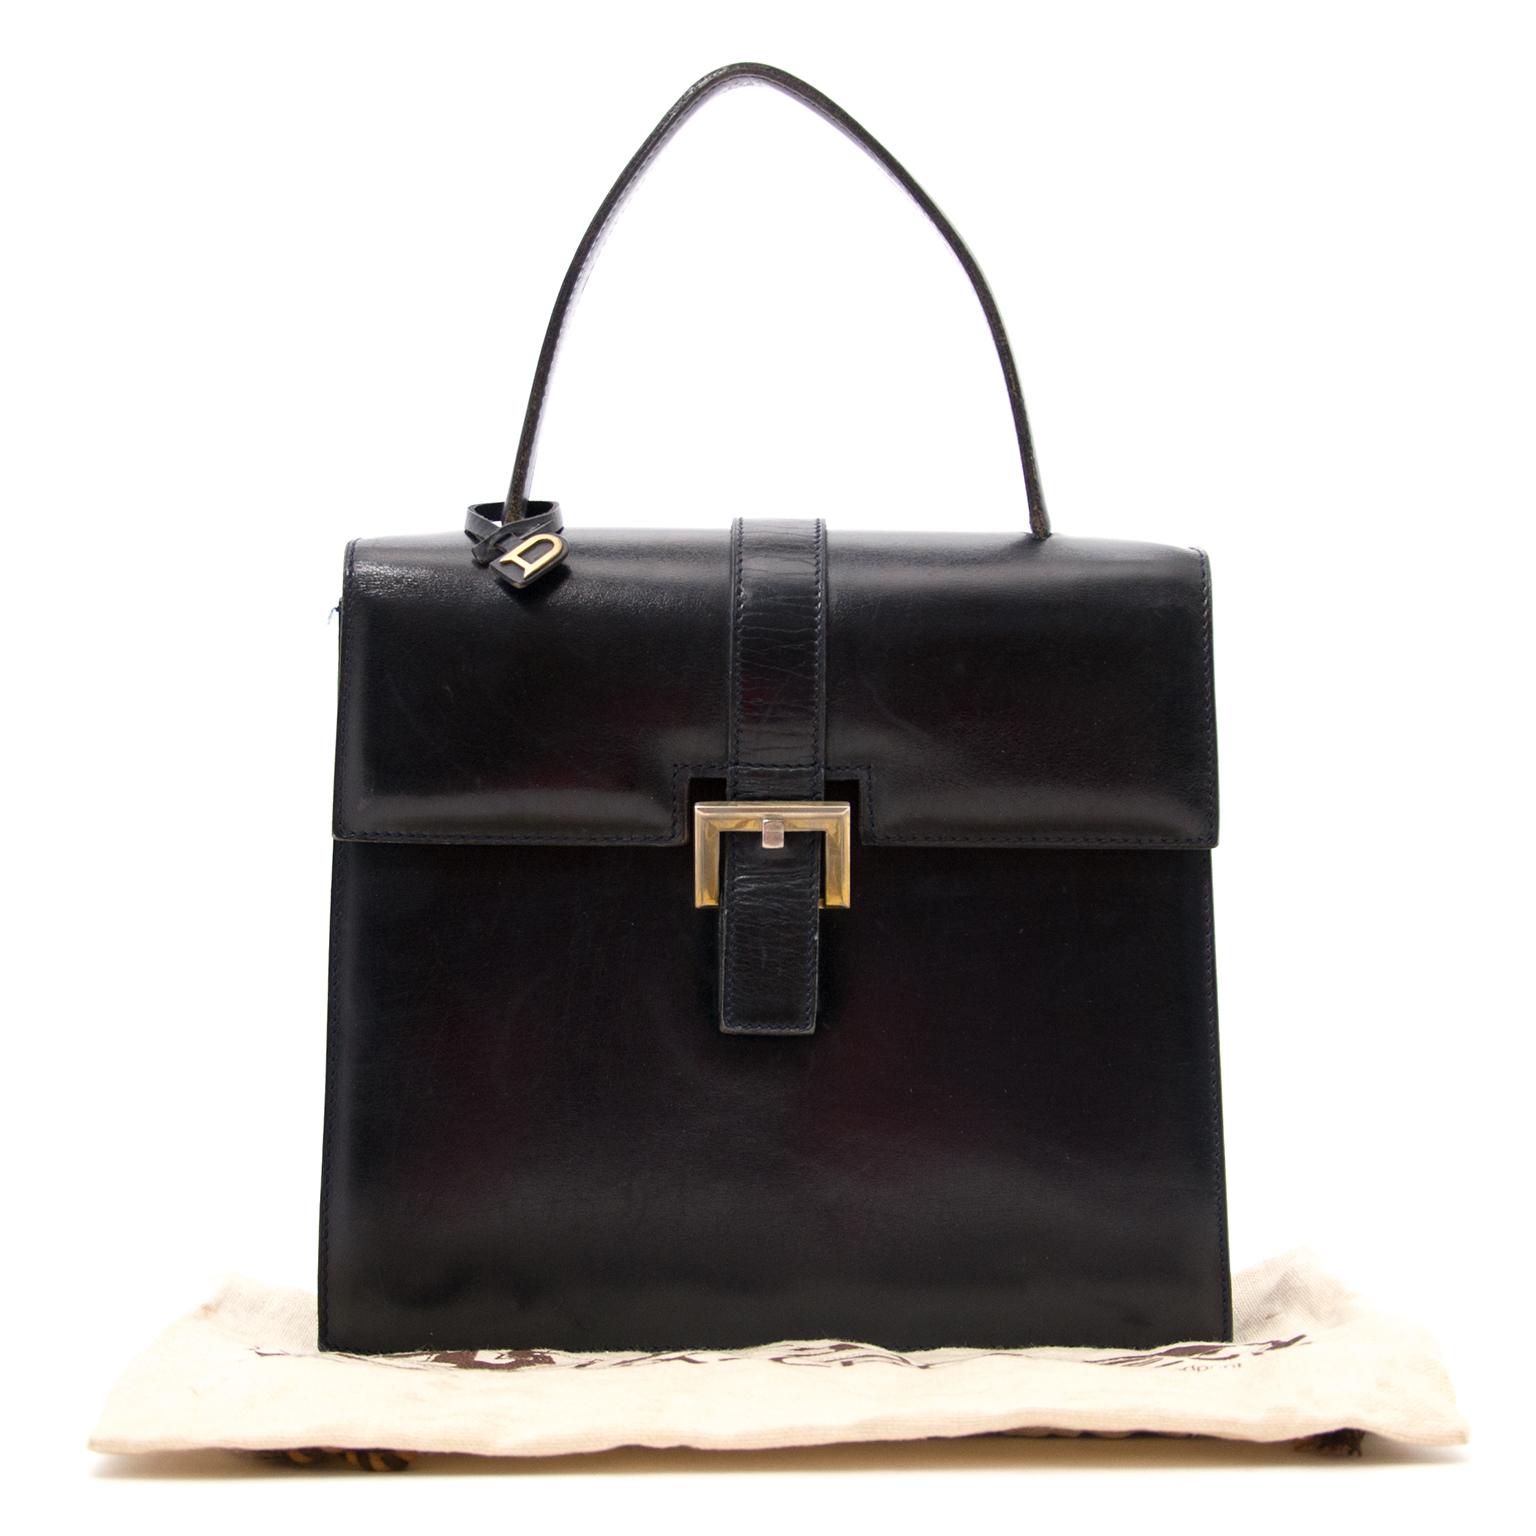 Schwarze Delvaux Modèle Déposé Handtasche heute online auf labellov.com gegen den besten Preis.